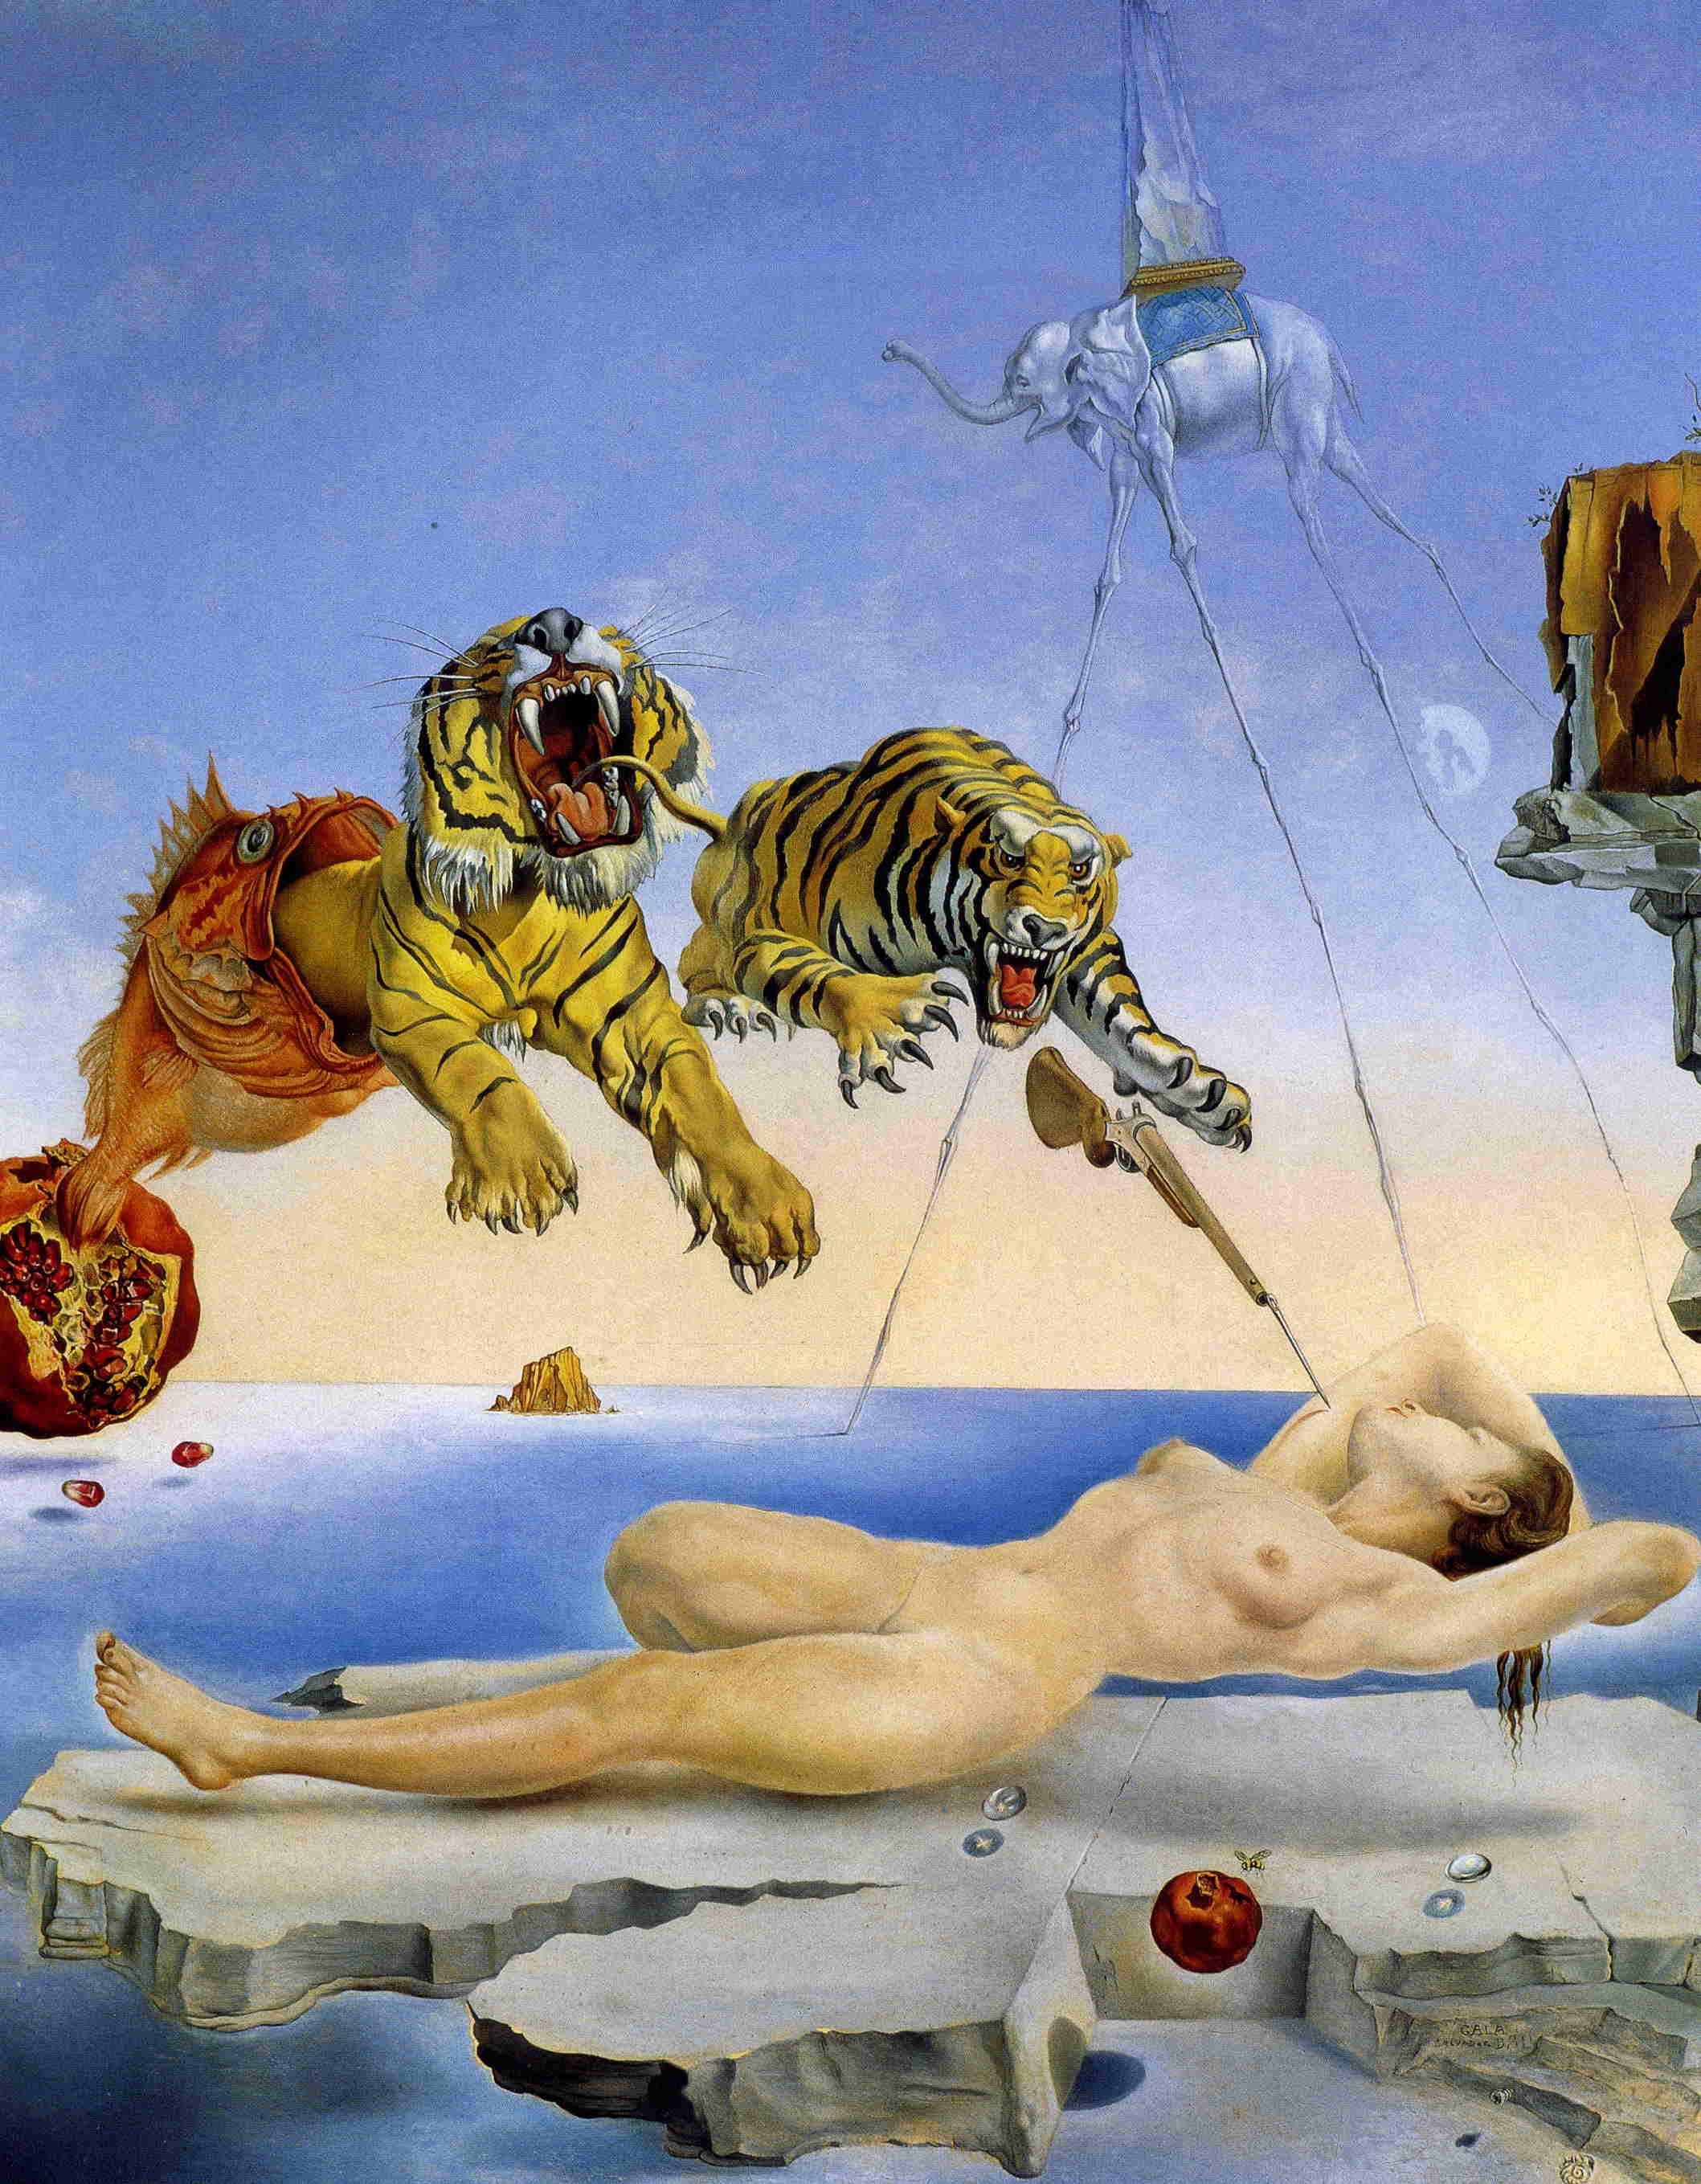 Τίγρεις και γυναίκα σε πίνακα του Σαλβαντόρ Νταλί